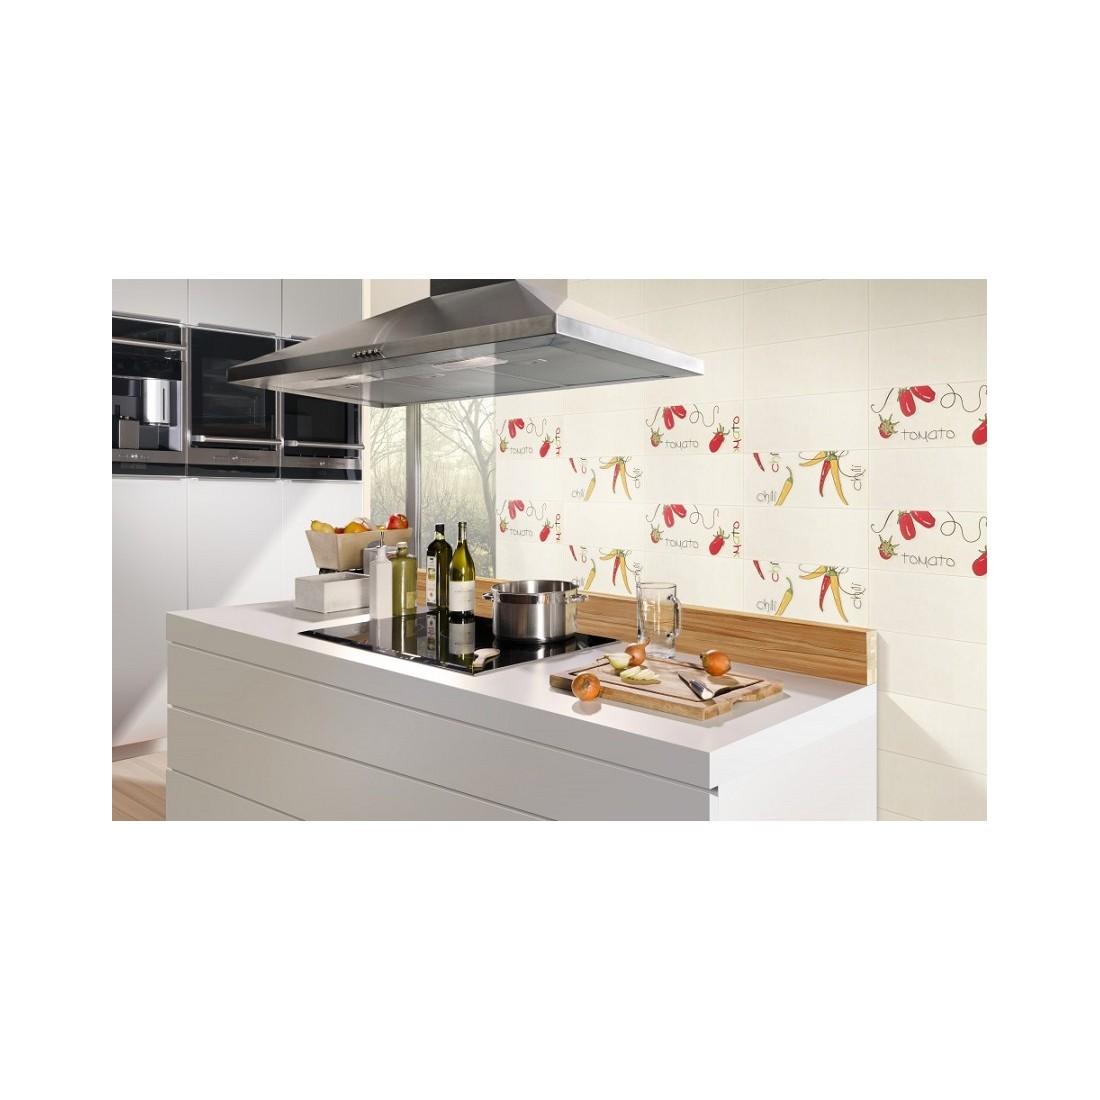 Glazūruotos keraminės virtuvs plytelės Etna 17x45cm